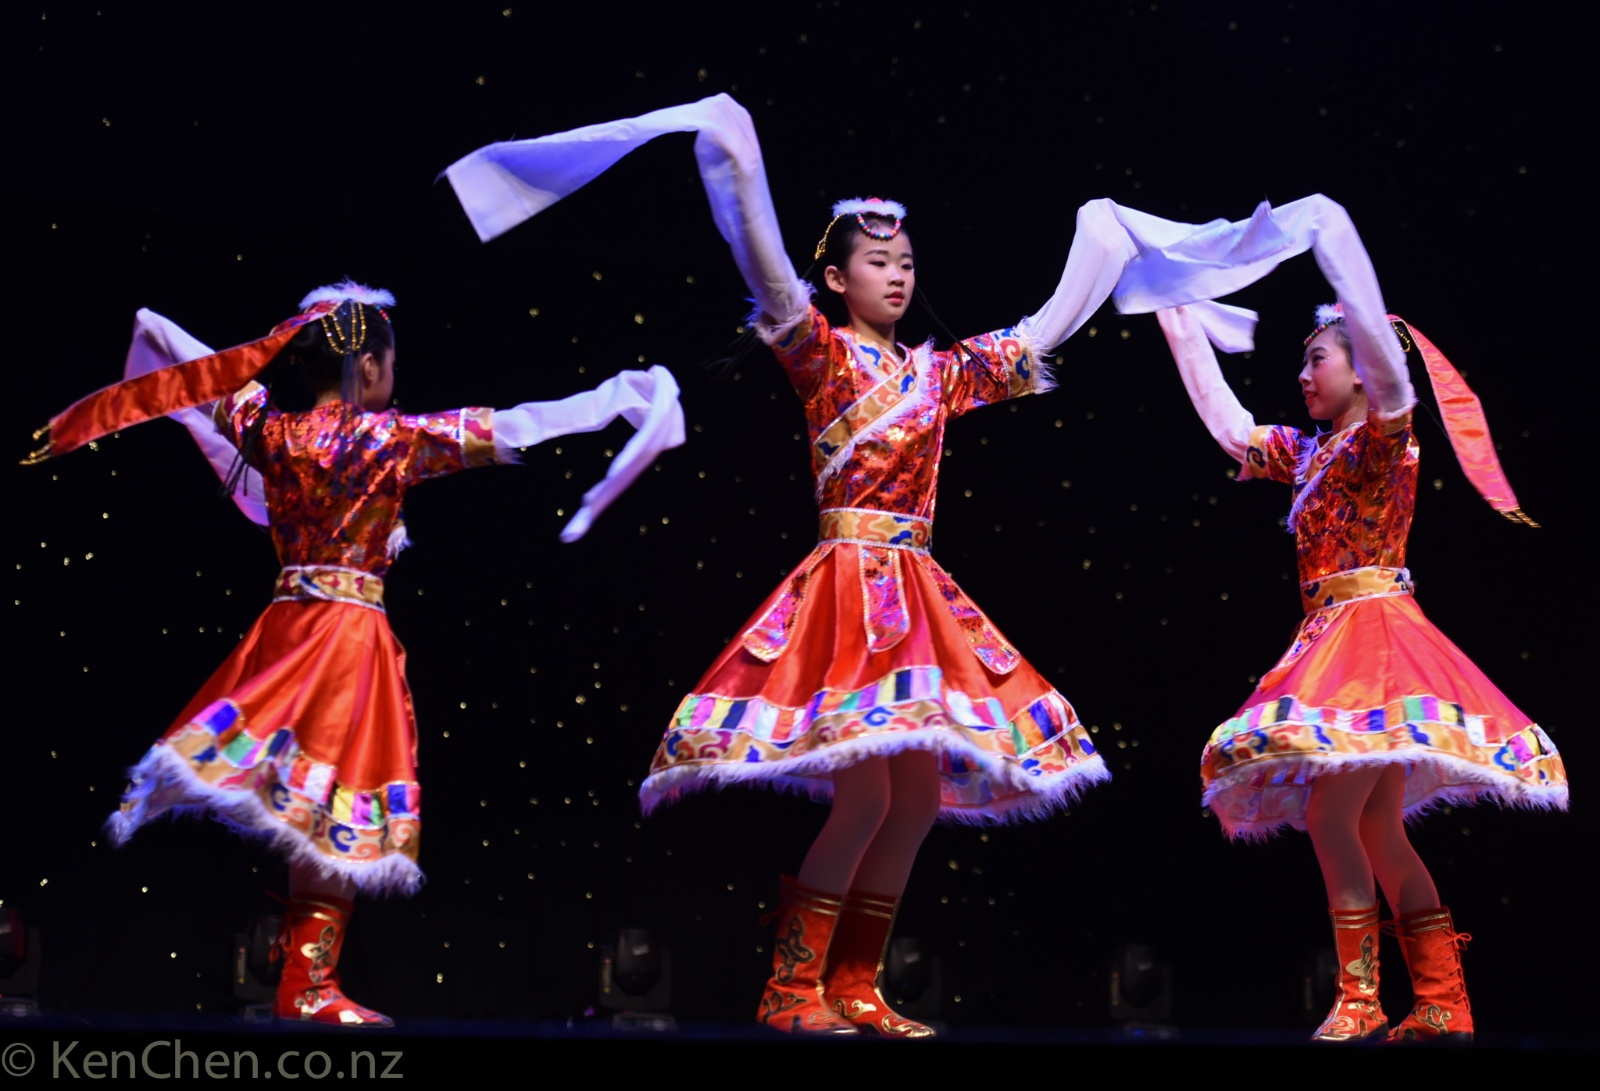 第四届2019新西兰多元化专业舞蹈交流晚会_kenchen.co.nz_9373.jpg